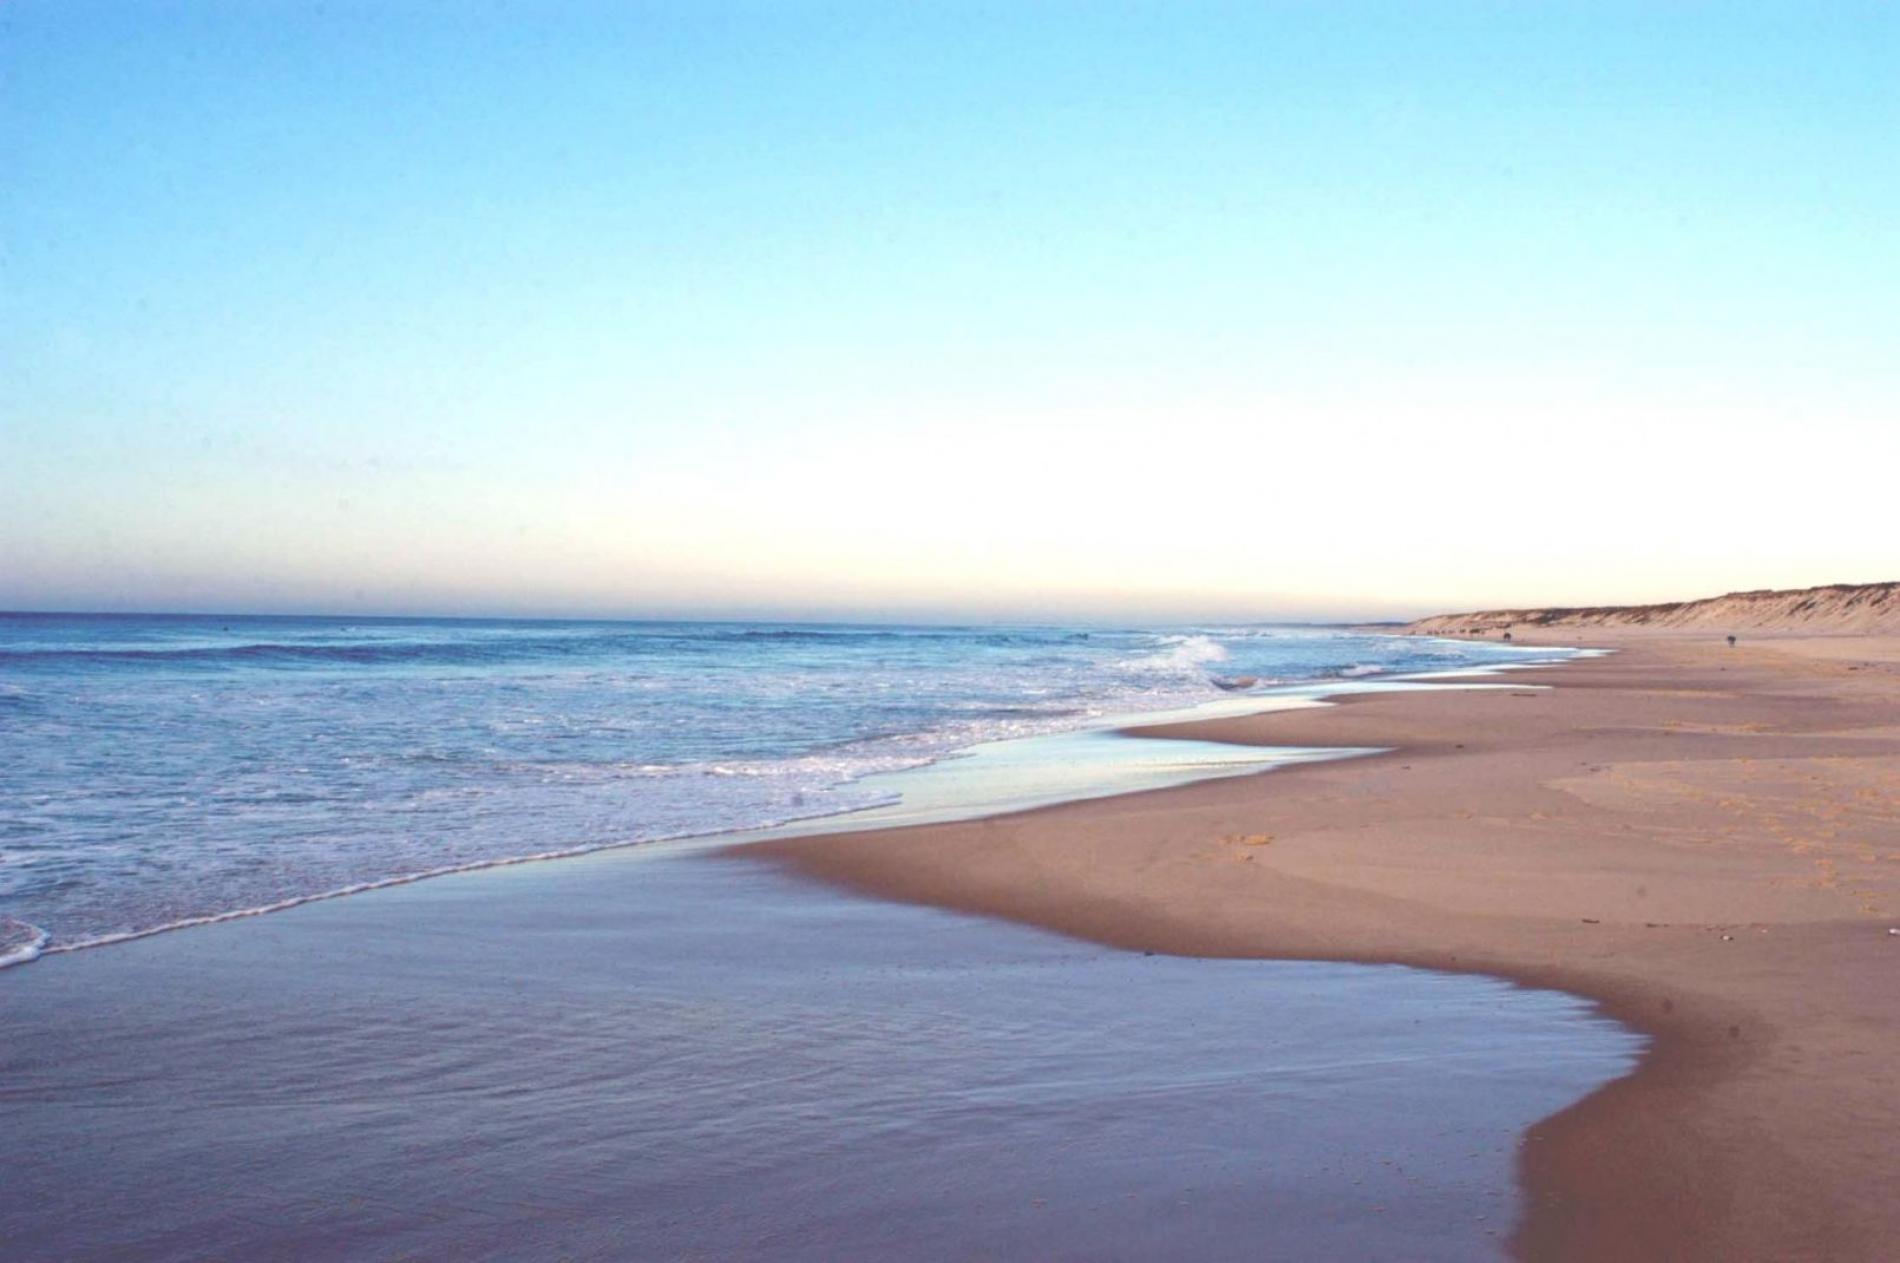 La plage de Biscarrosse